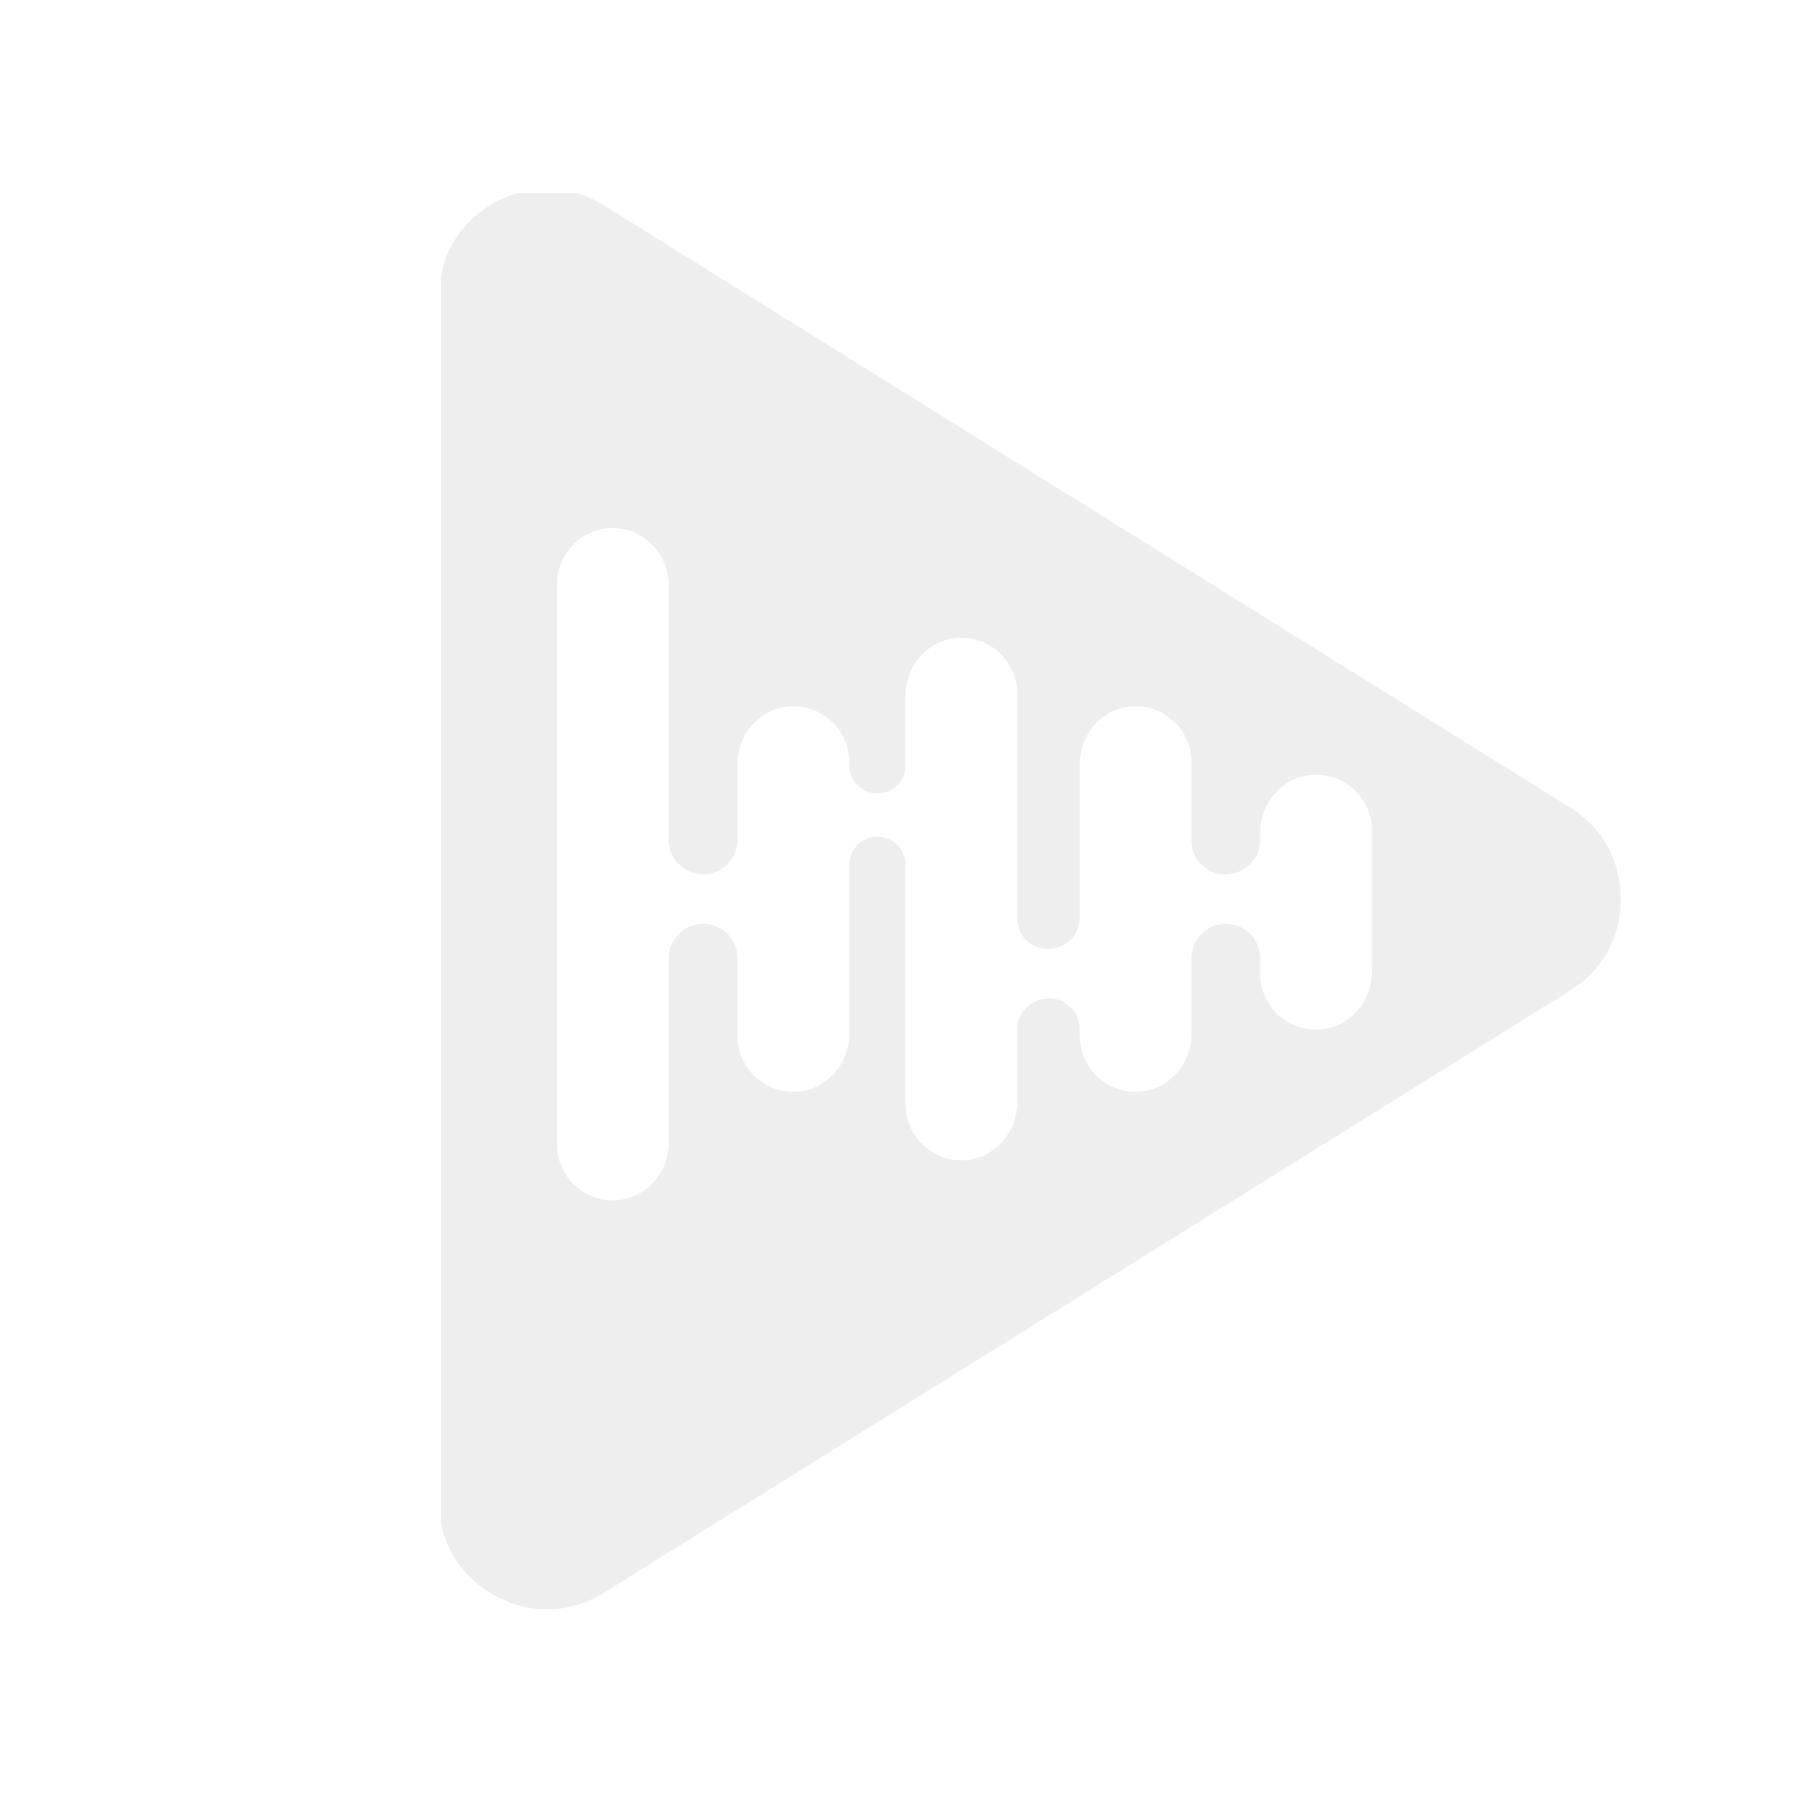 Skoddejuice Kiwi Aroma